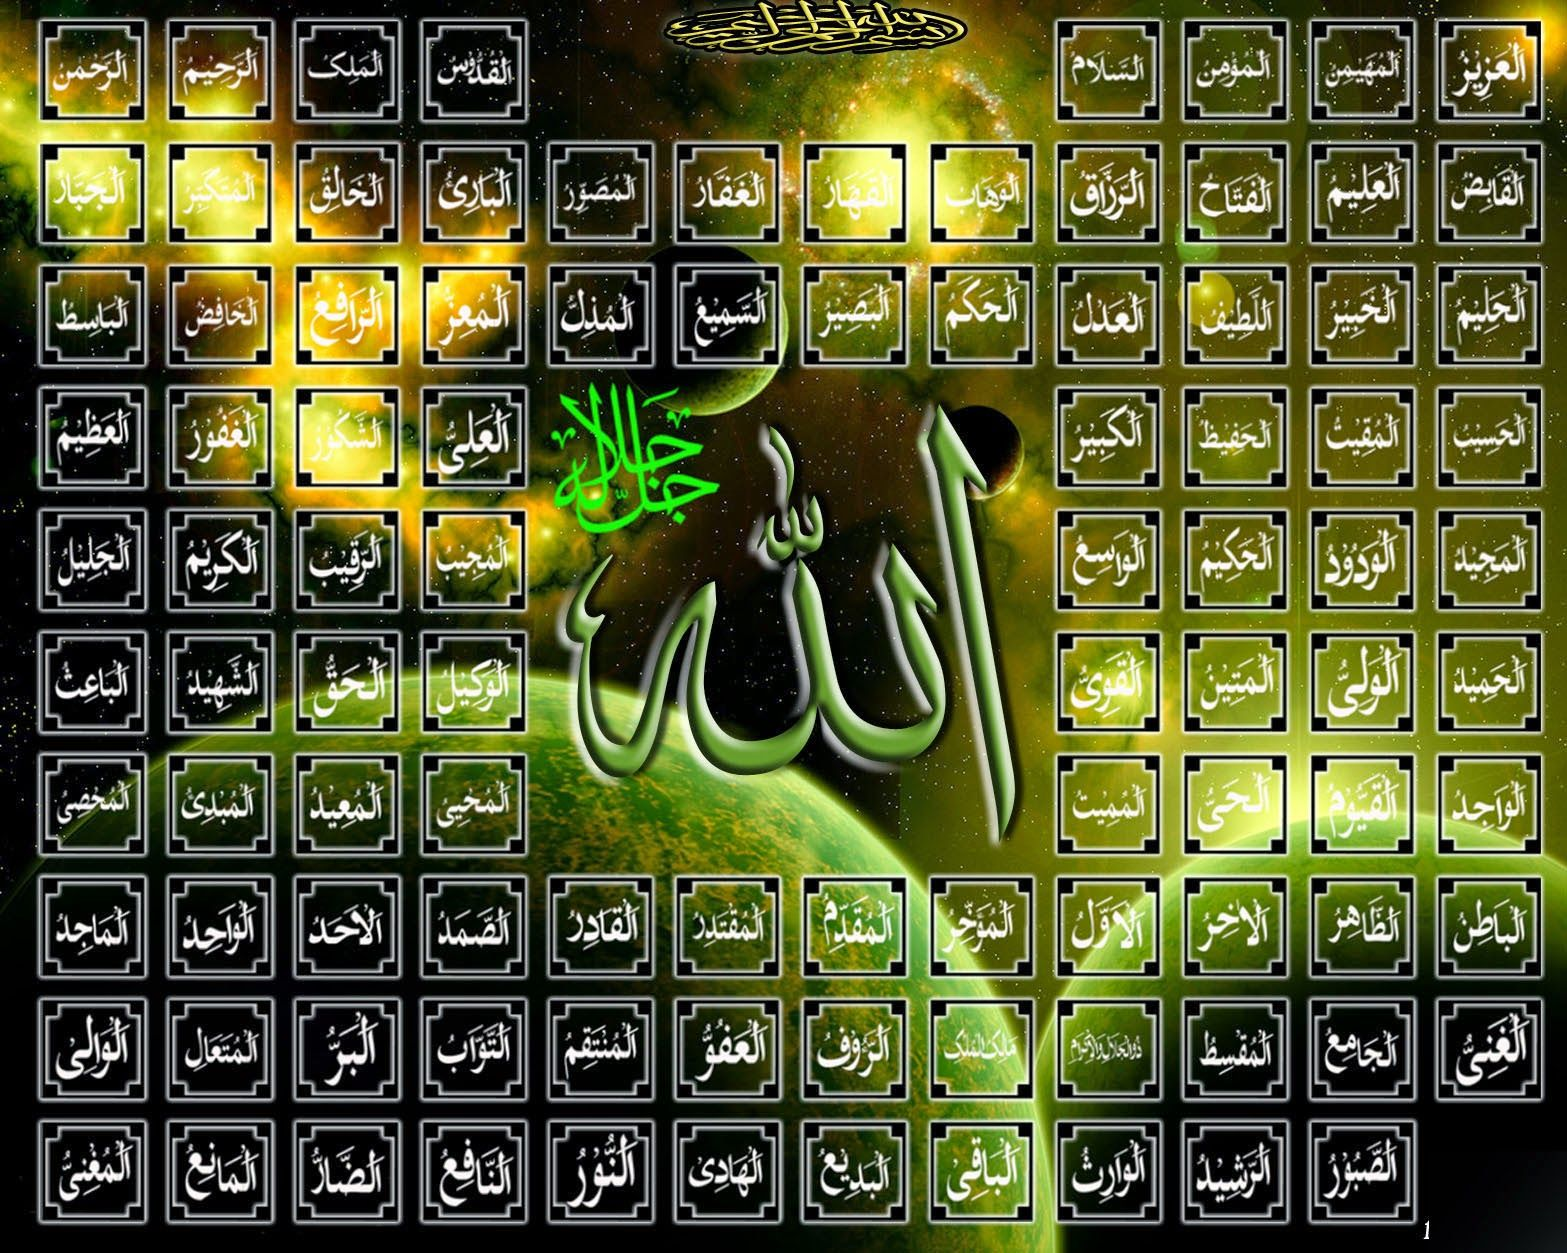 Download 500+ Wallpaper Allah's 99 Names HD Gratis